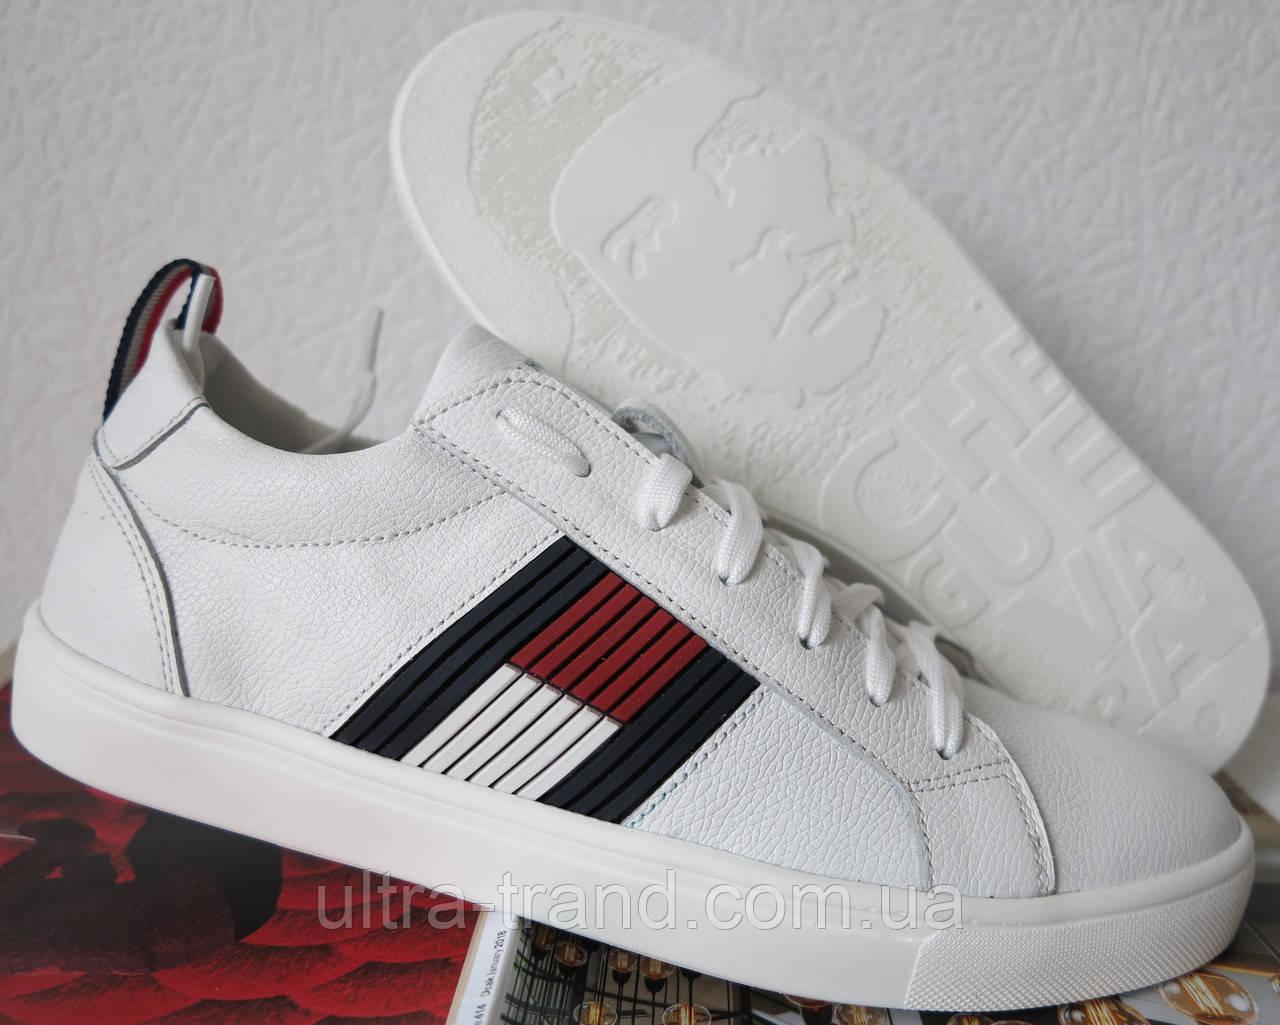 0b488d249174 Стиль! Tommy Hilfiger кожаные белые кеды! Туфли мужские кроссовки